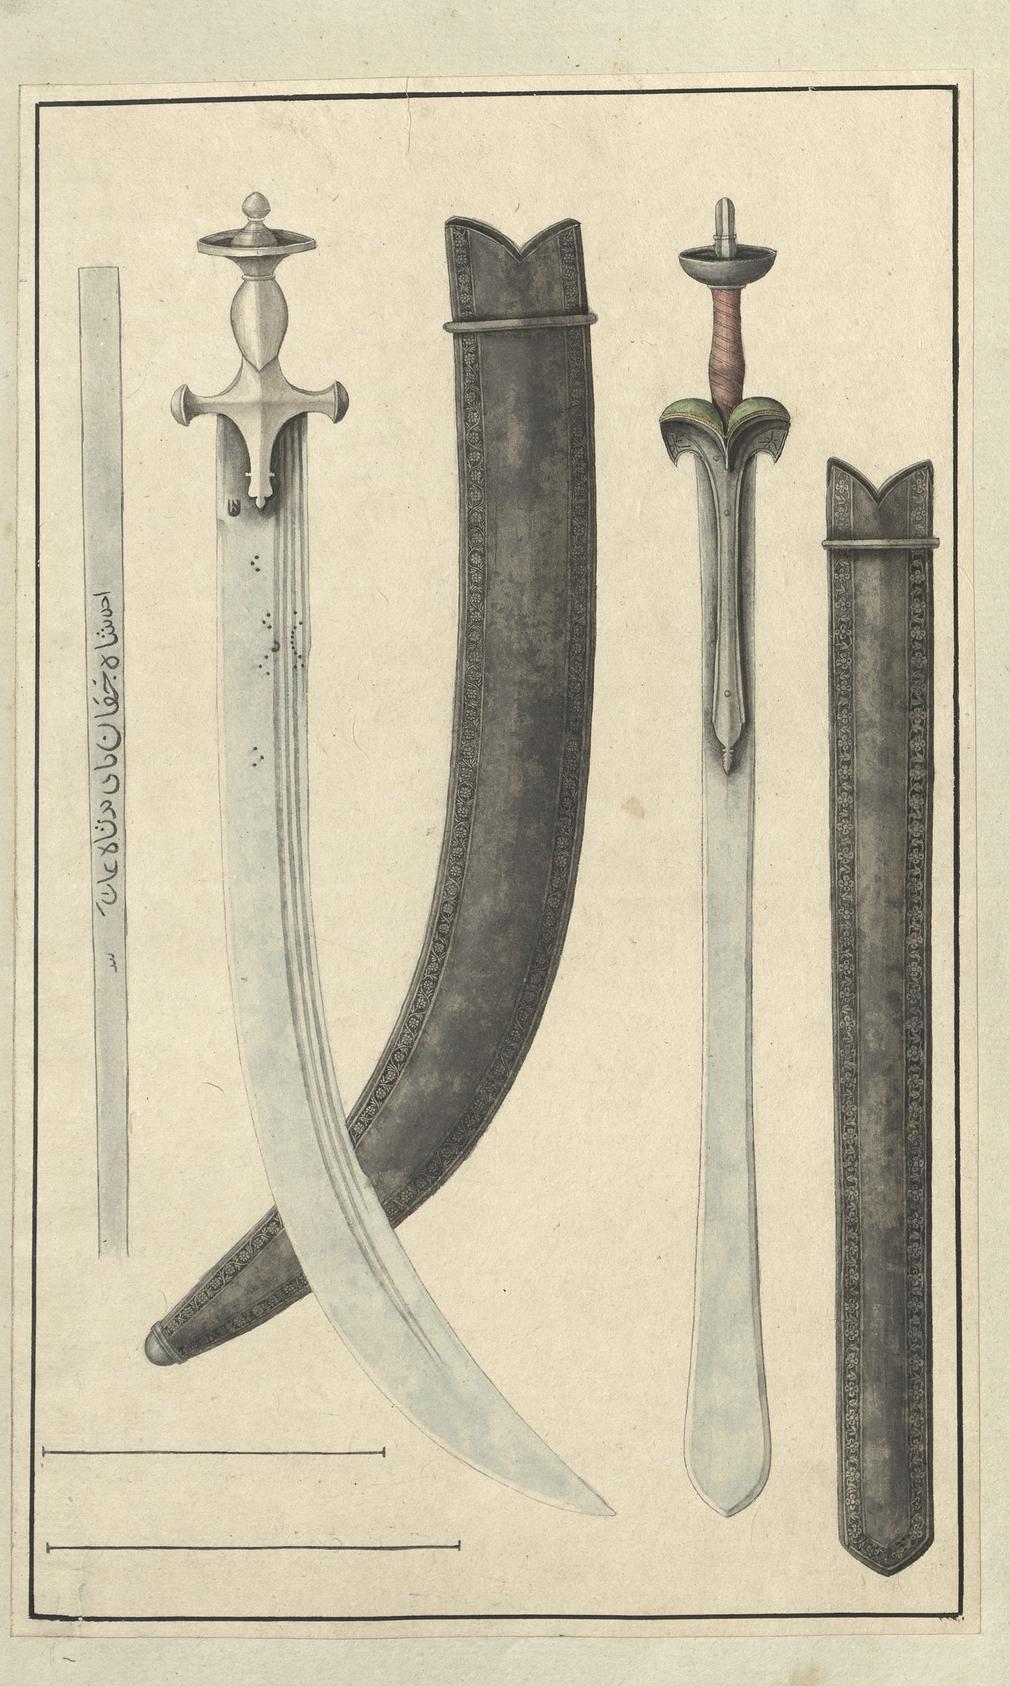 Arms of Hindoostan